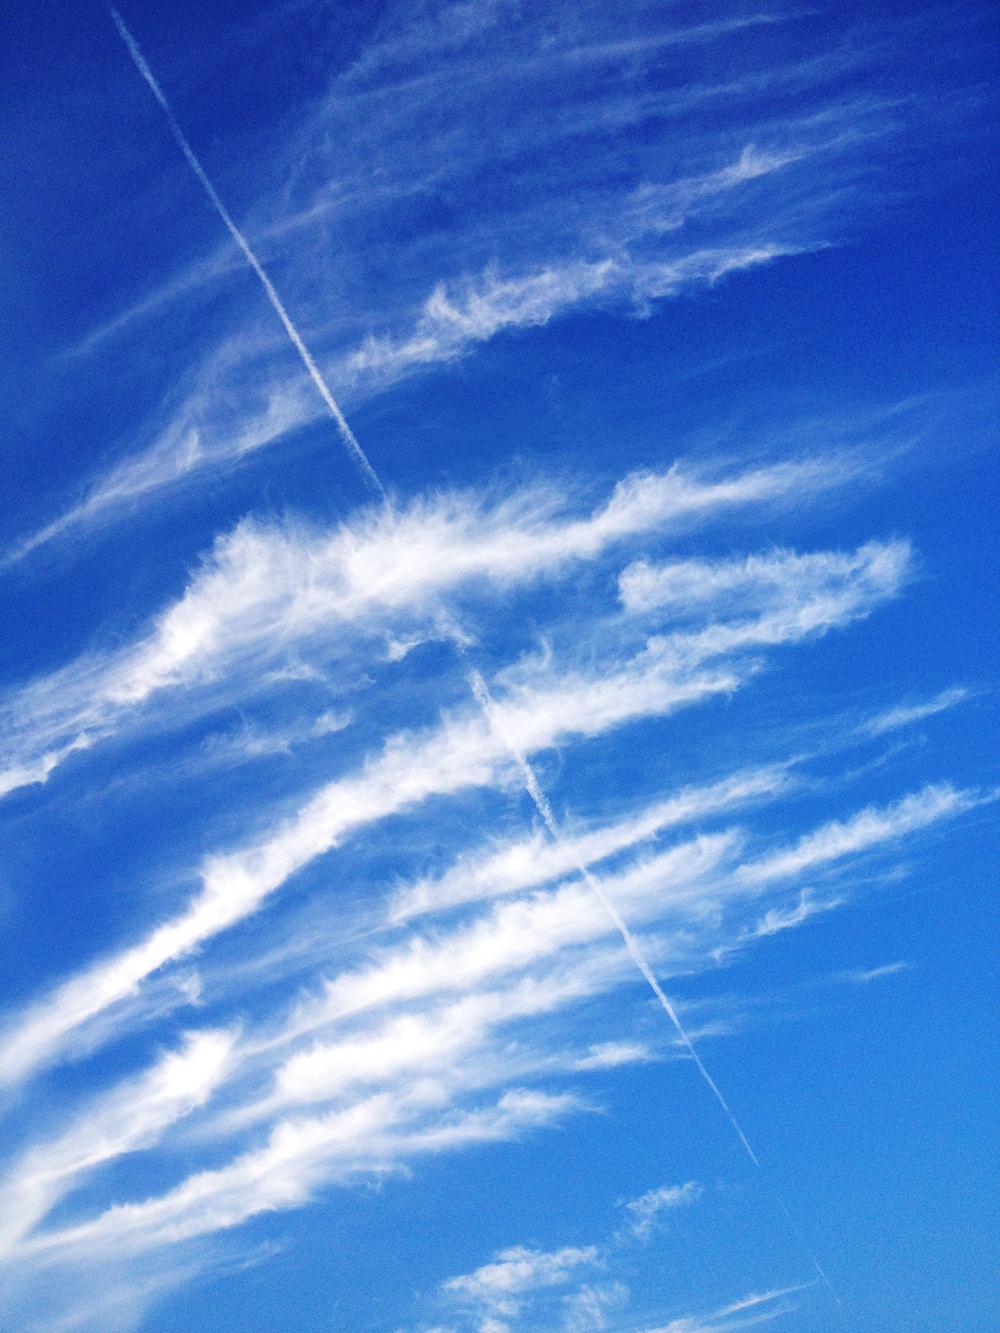 clouds_1M.jpg